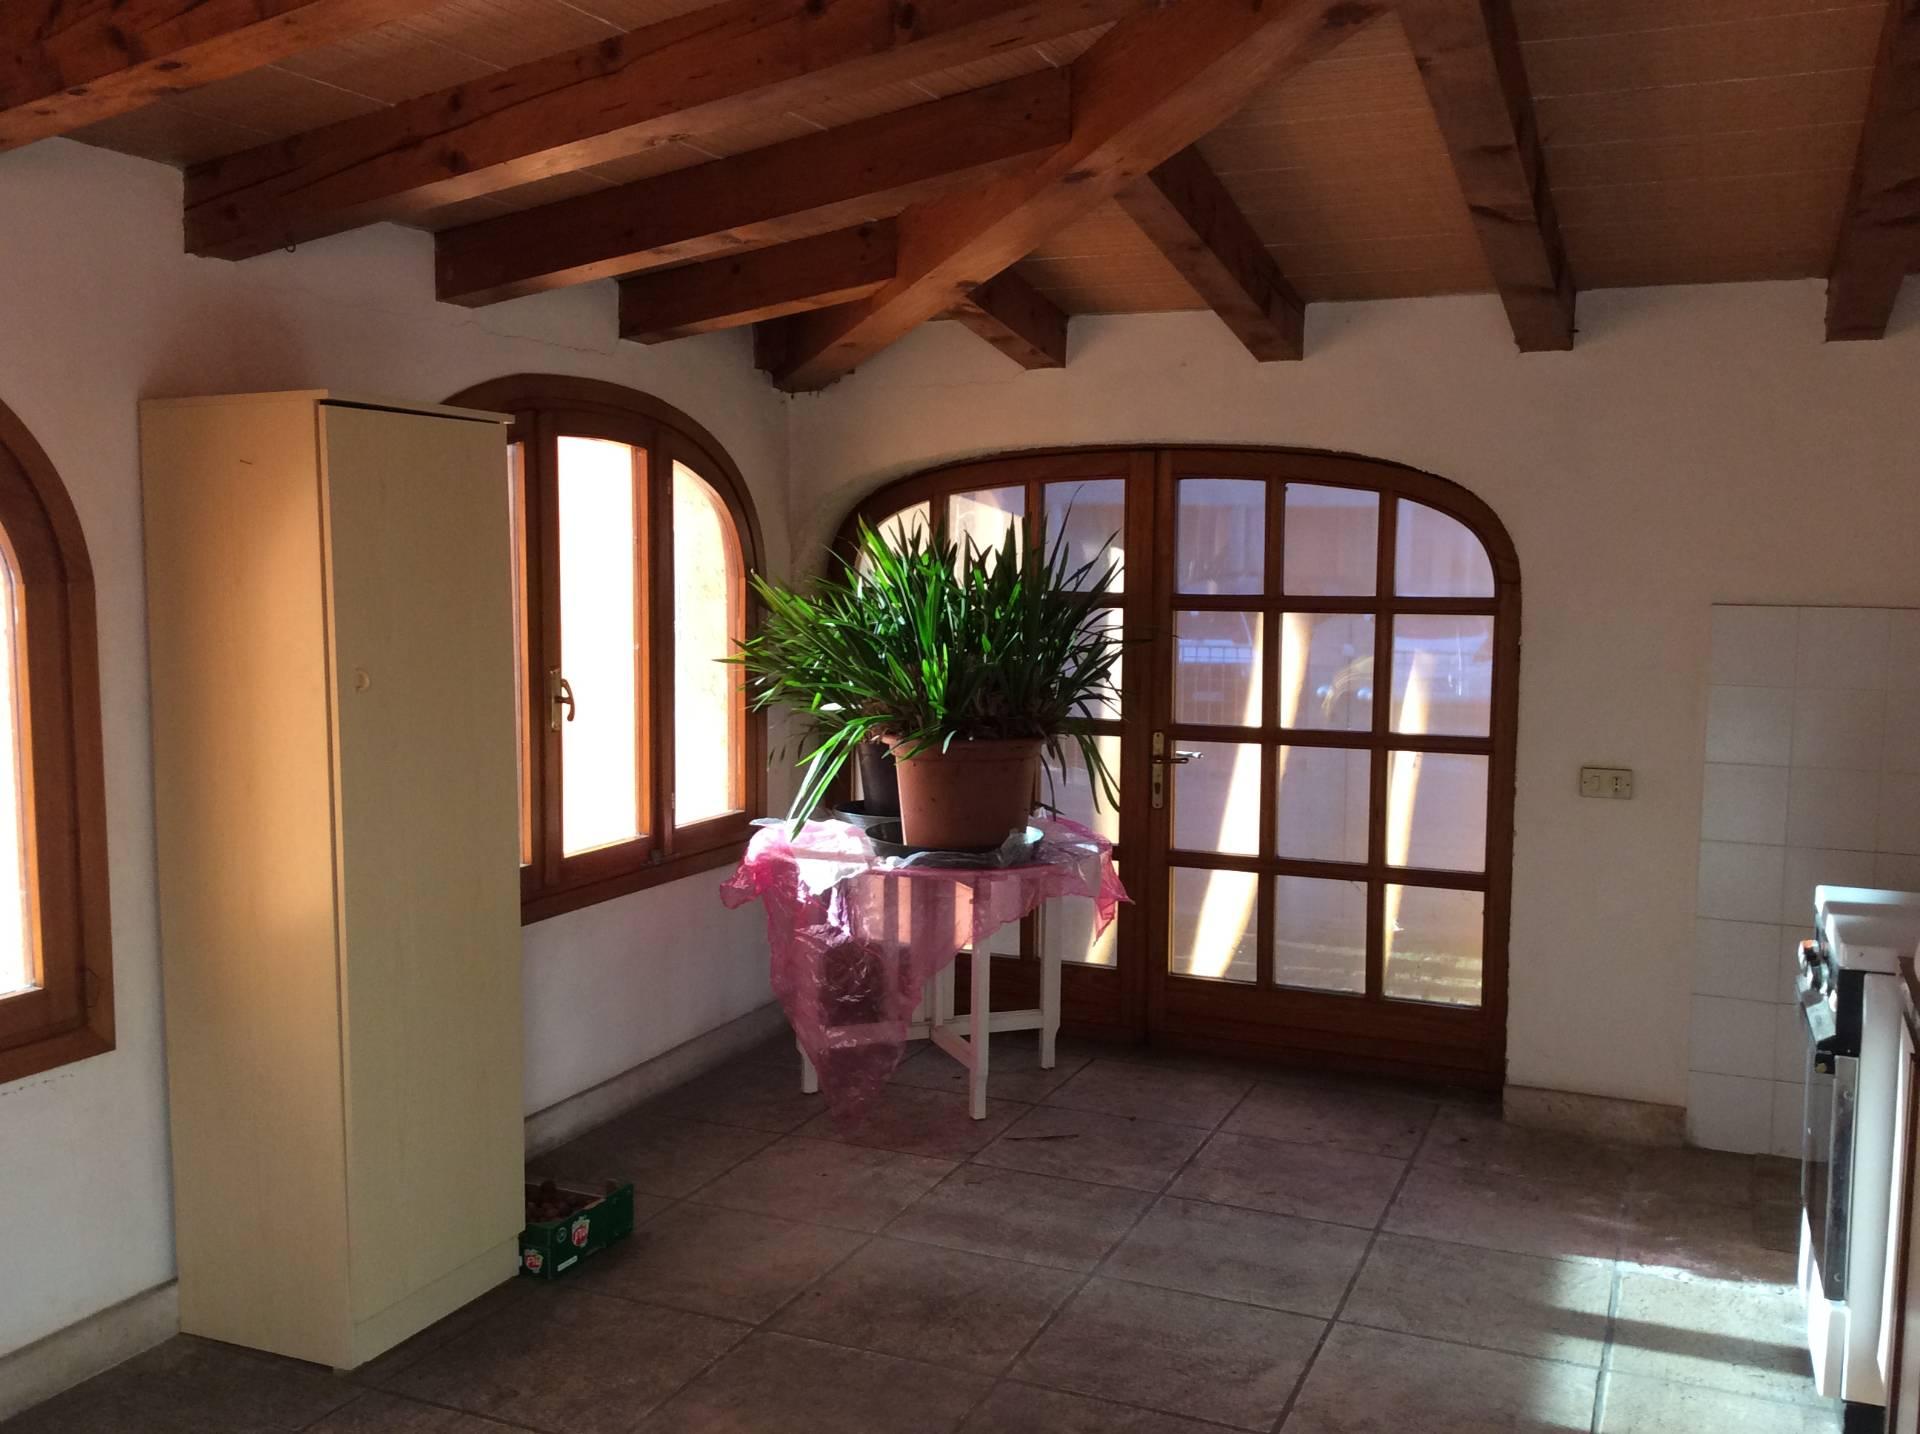 Villa in vendita a Spresiano, 6 locali, zona Località: Centro, prezzo € 200.000 | Cambio Casa.it